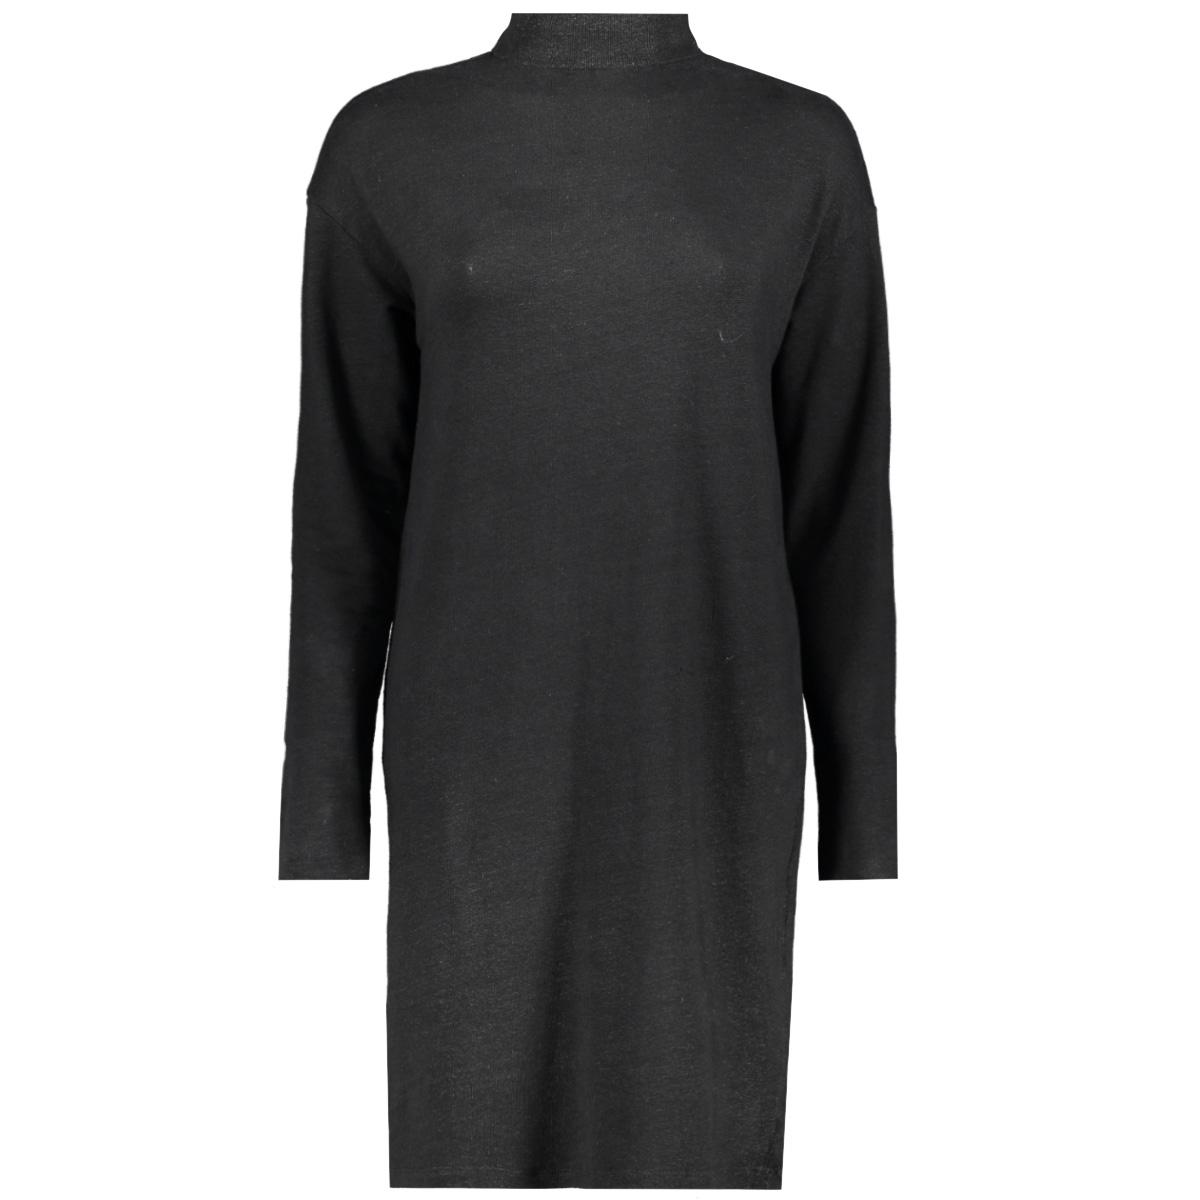 linen dress 20 347 9103 10 days jurk black